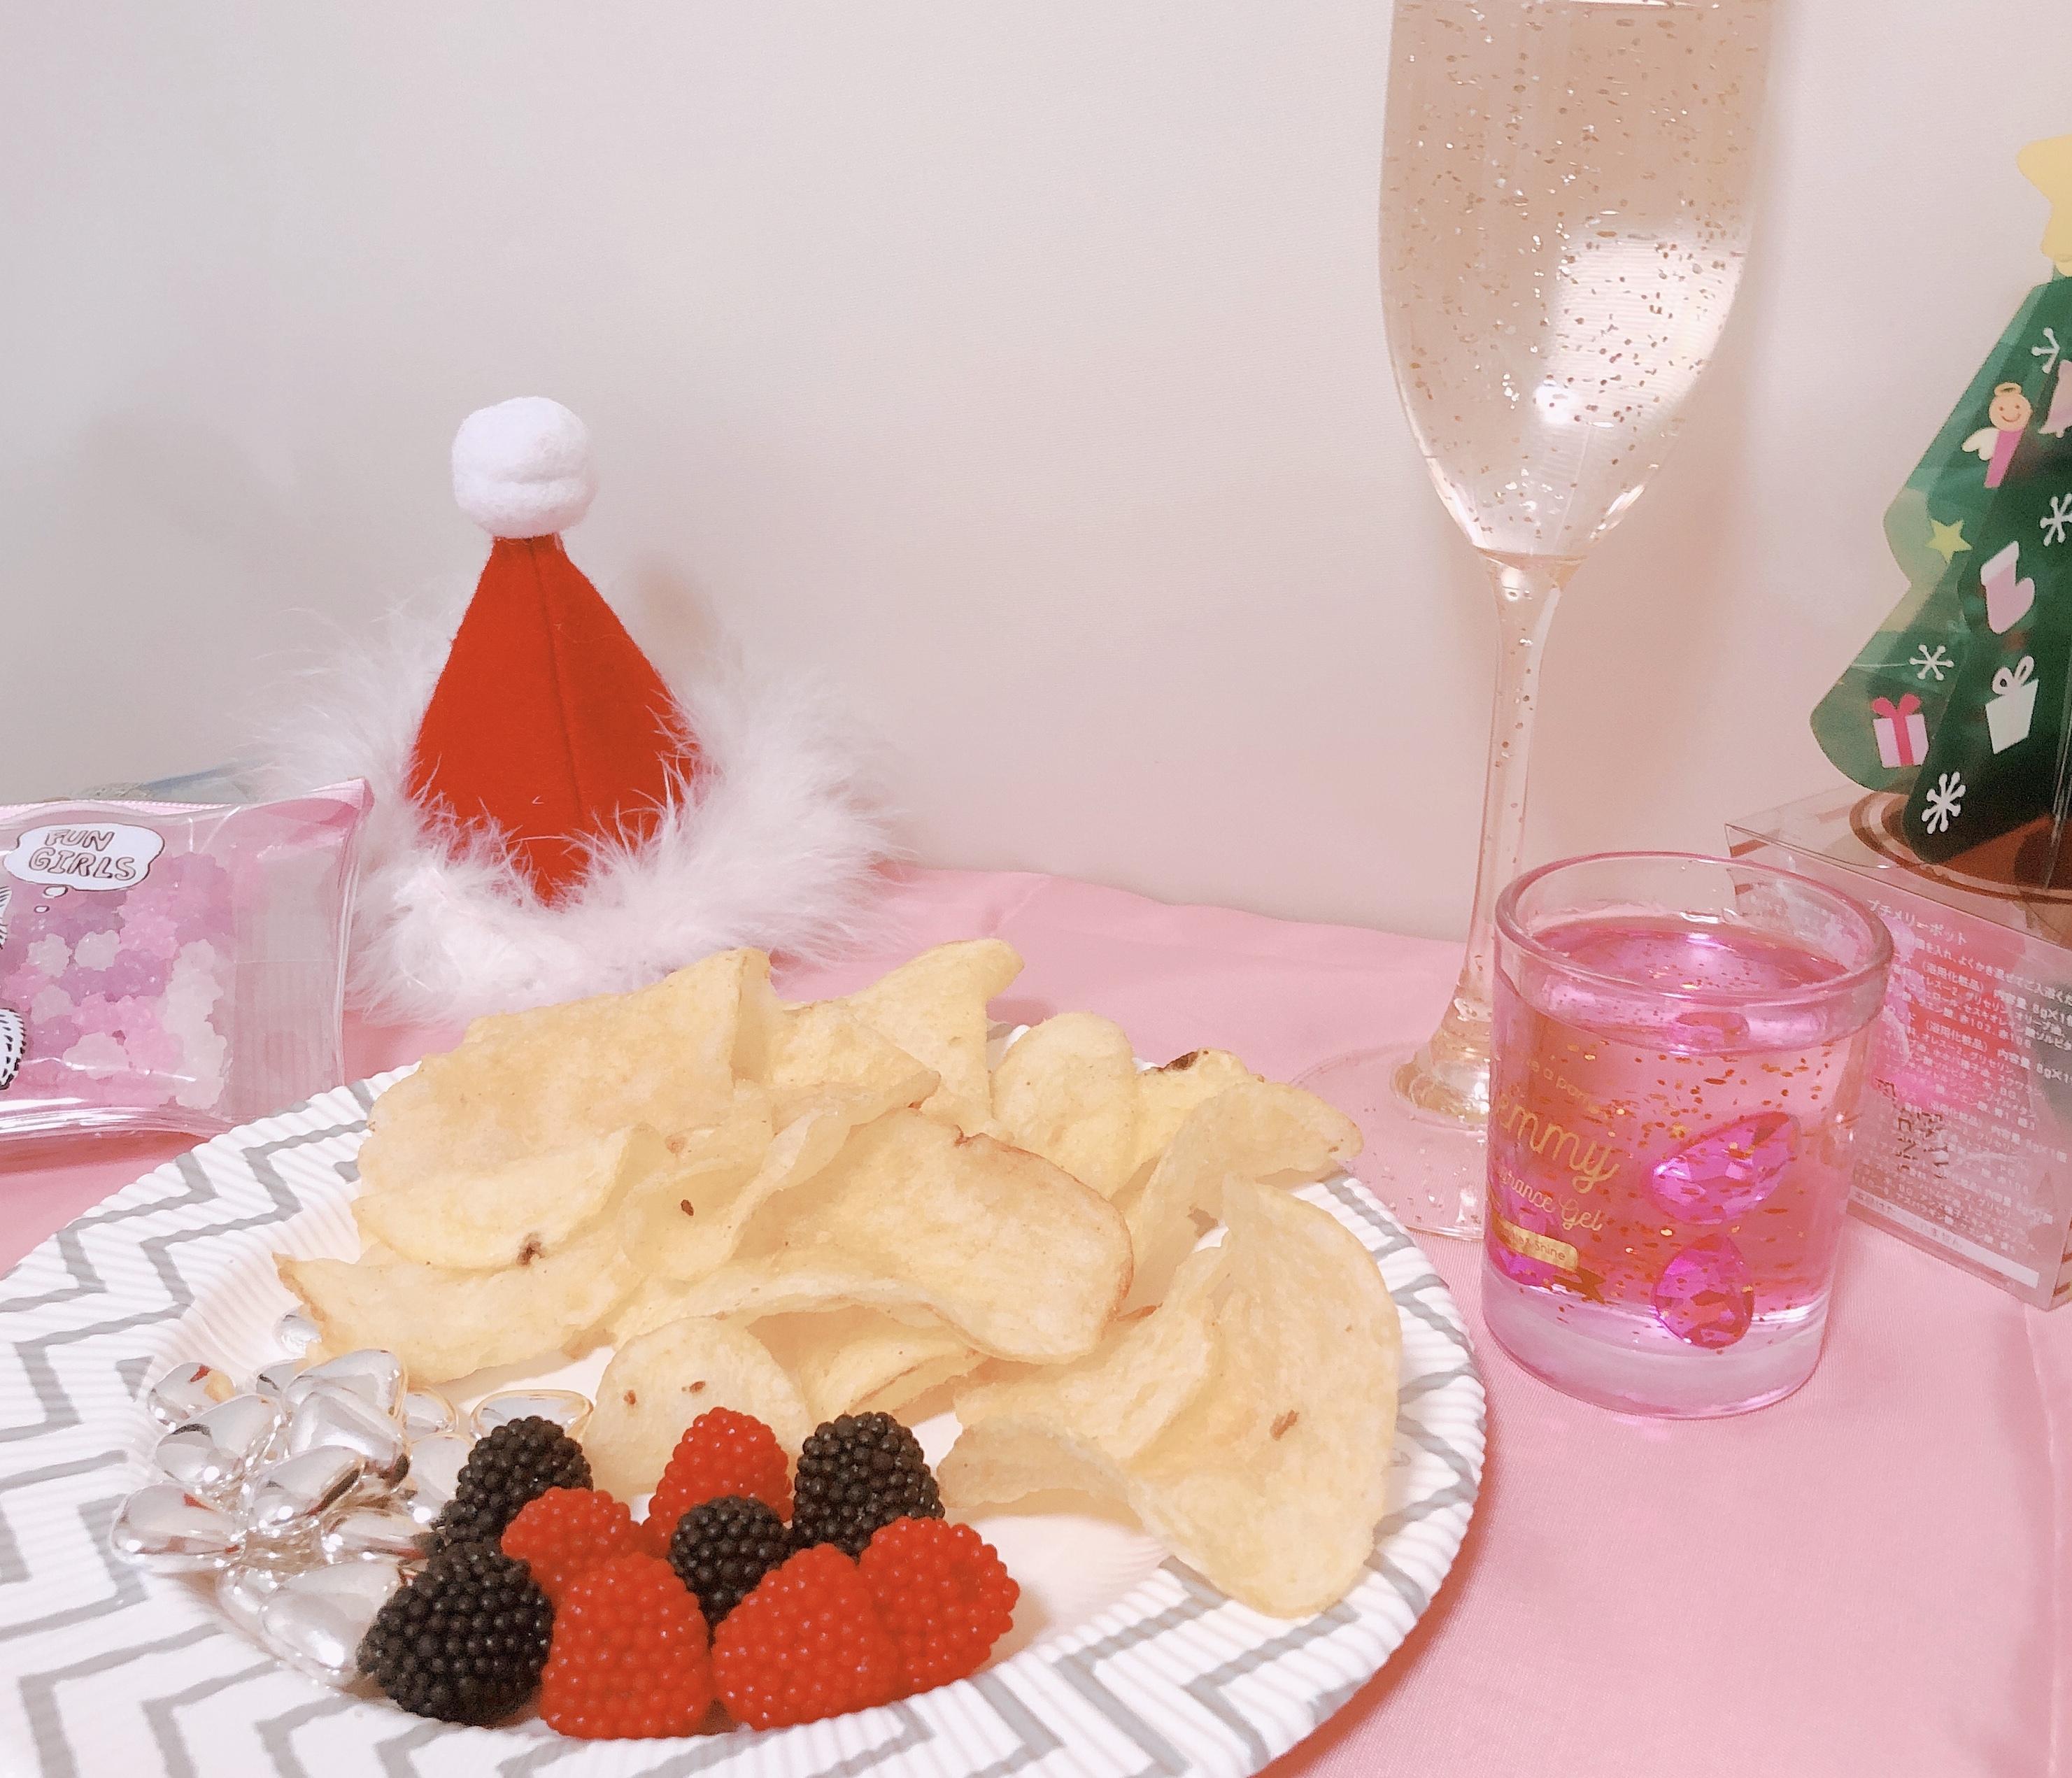 可愛すぎる雑貨やお菓子でクリスマスパーティーを楽しもう♡《PLAZA購入品》_1_9